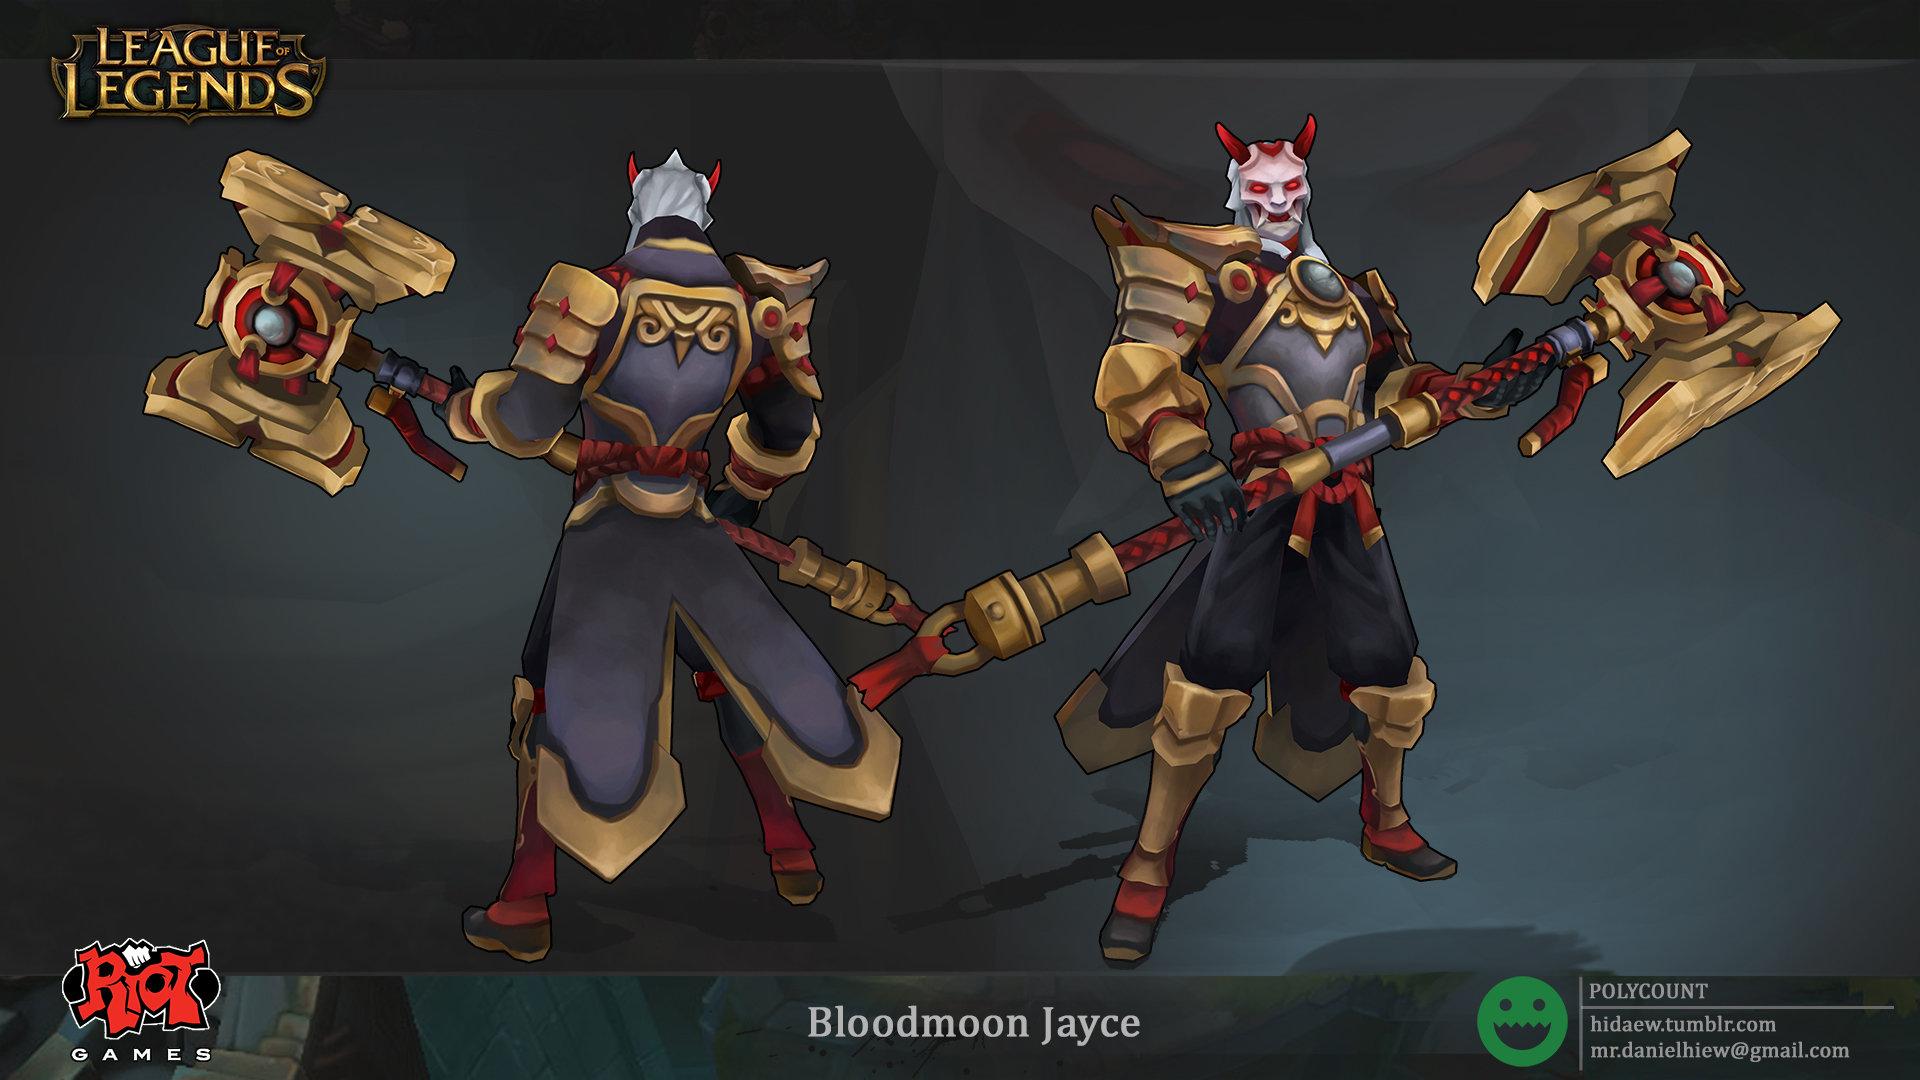 Hd wallpaper lol - Daniel Hiew Bloodmoon Jayce League Of Legends